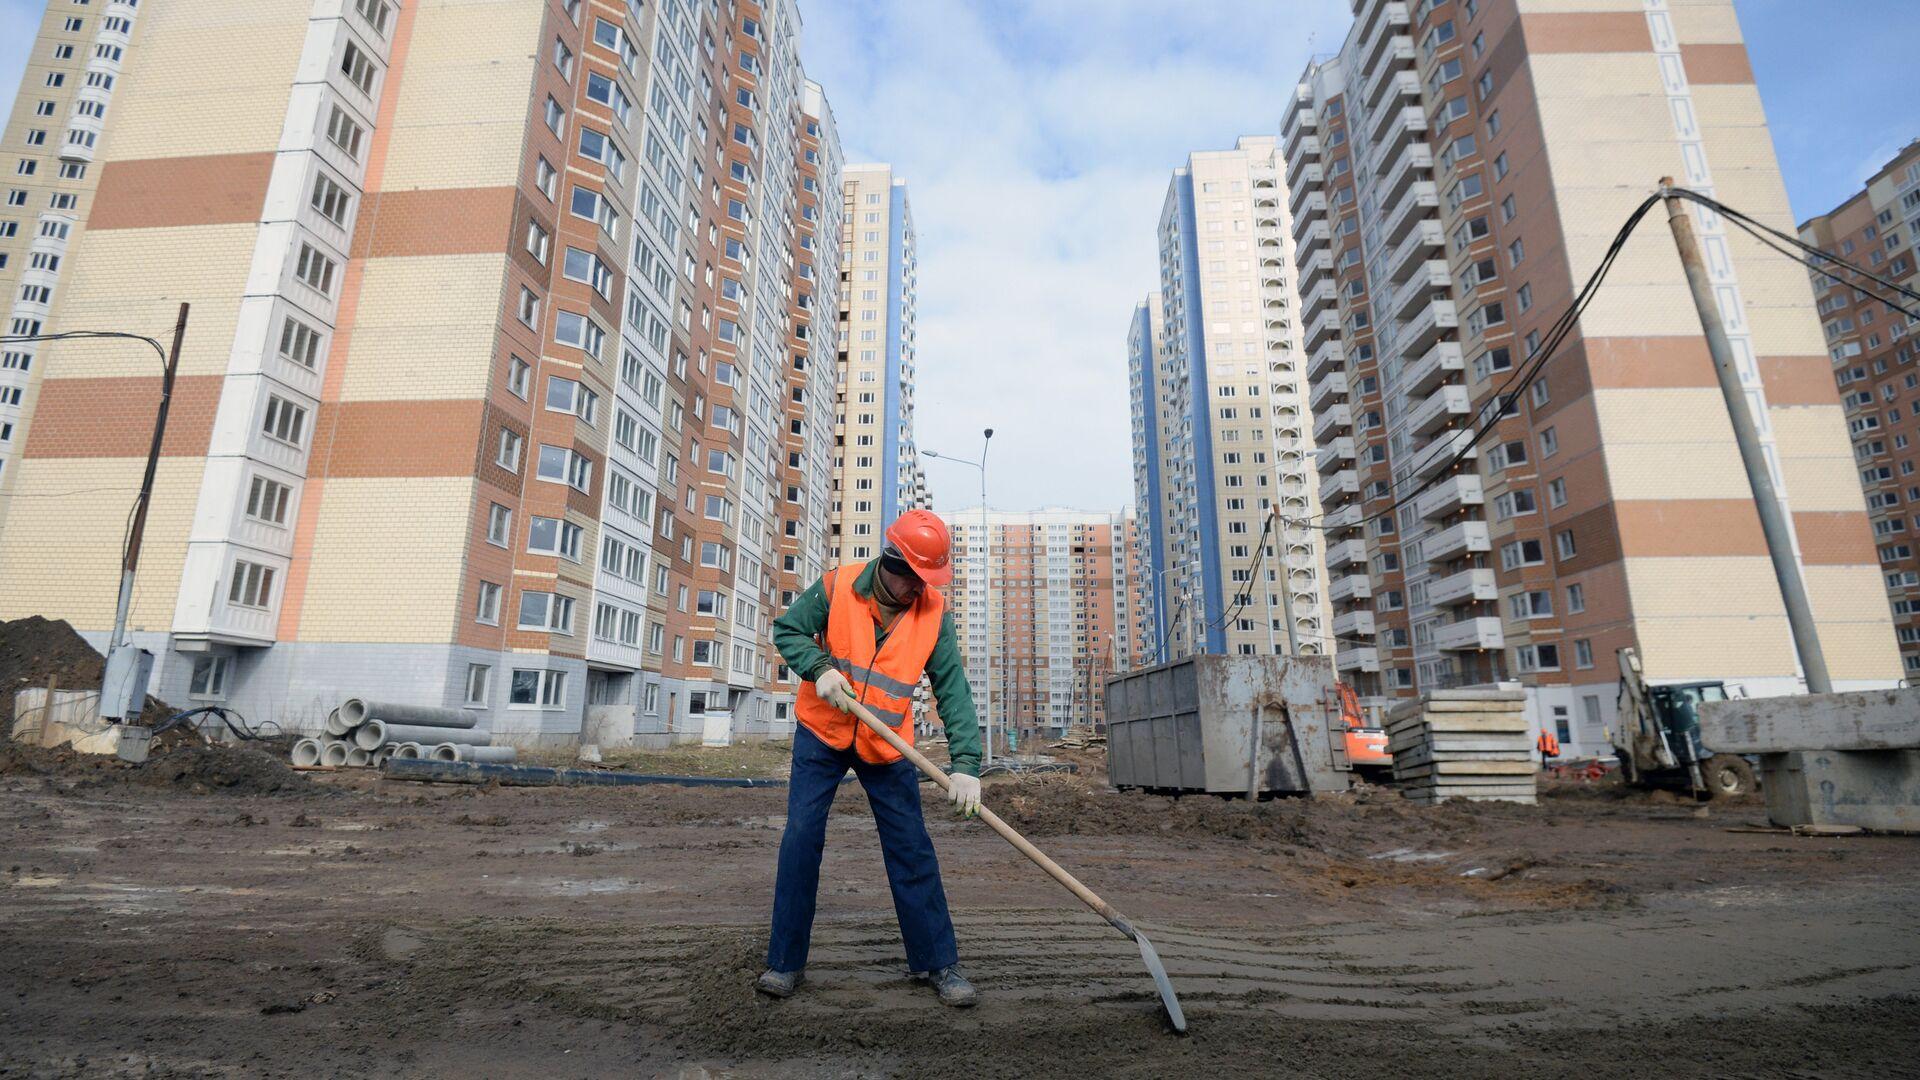 Строительство новых жилых домов в Москве - РИА Новости, 1920, 15.09.2020